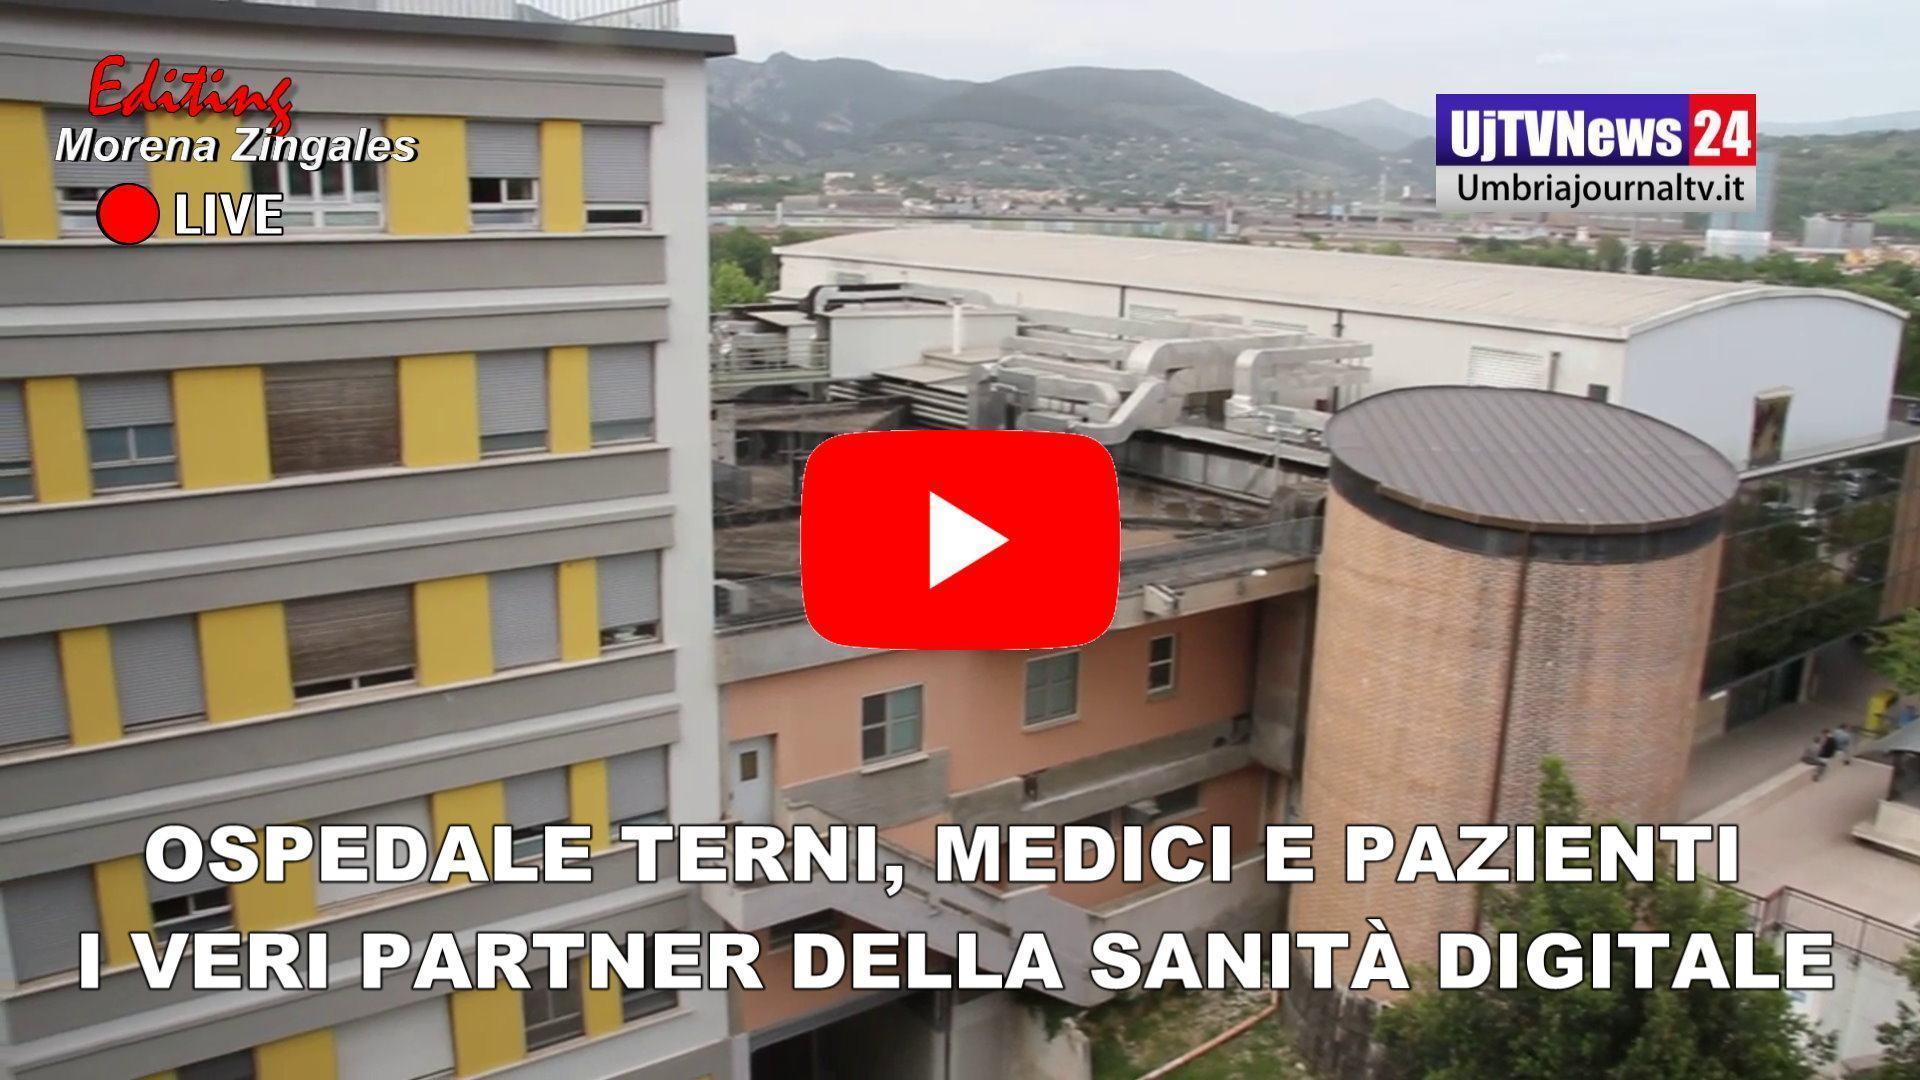 Ospedale Terni, Medici e pazienti i veri partner della sanità digitale